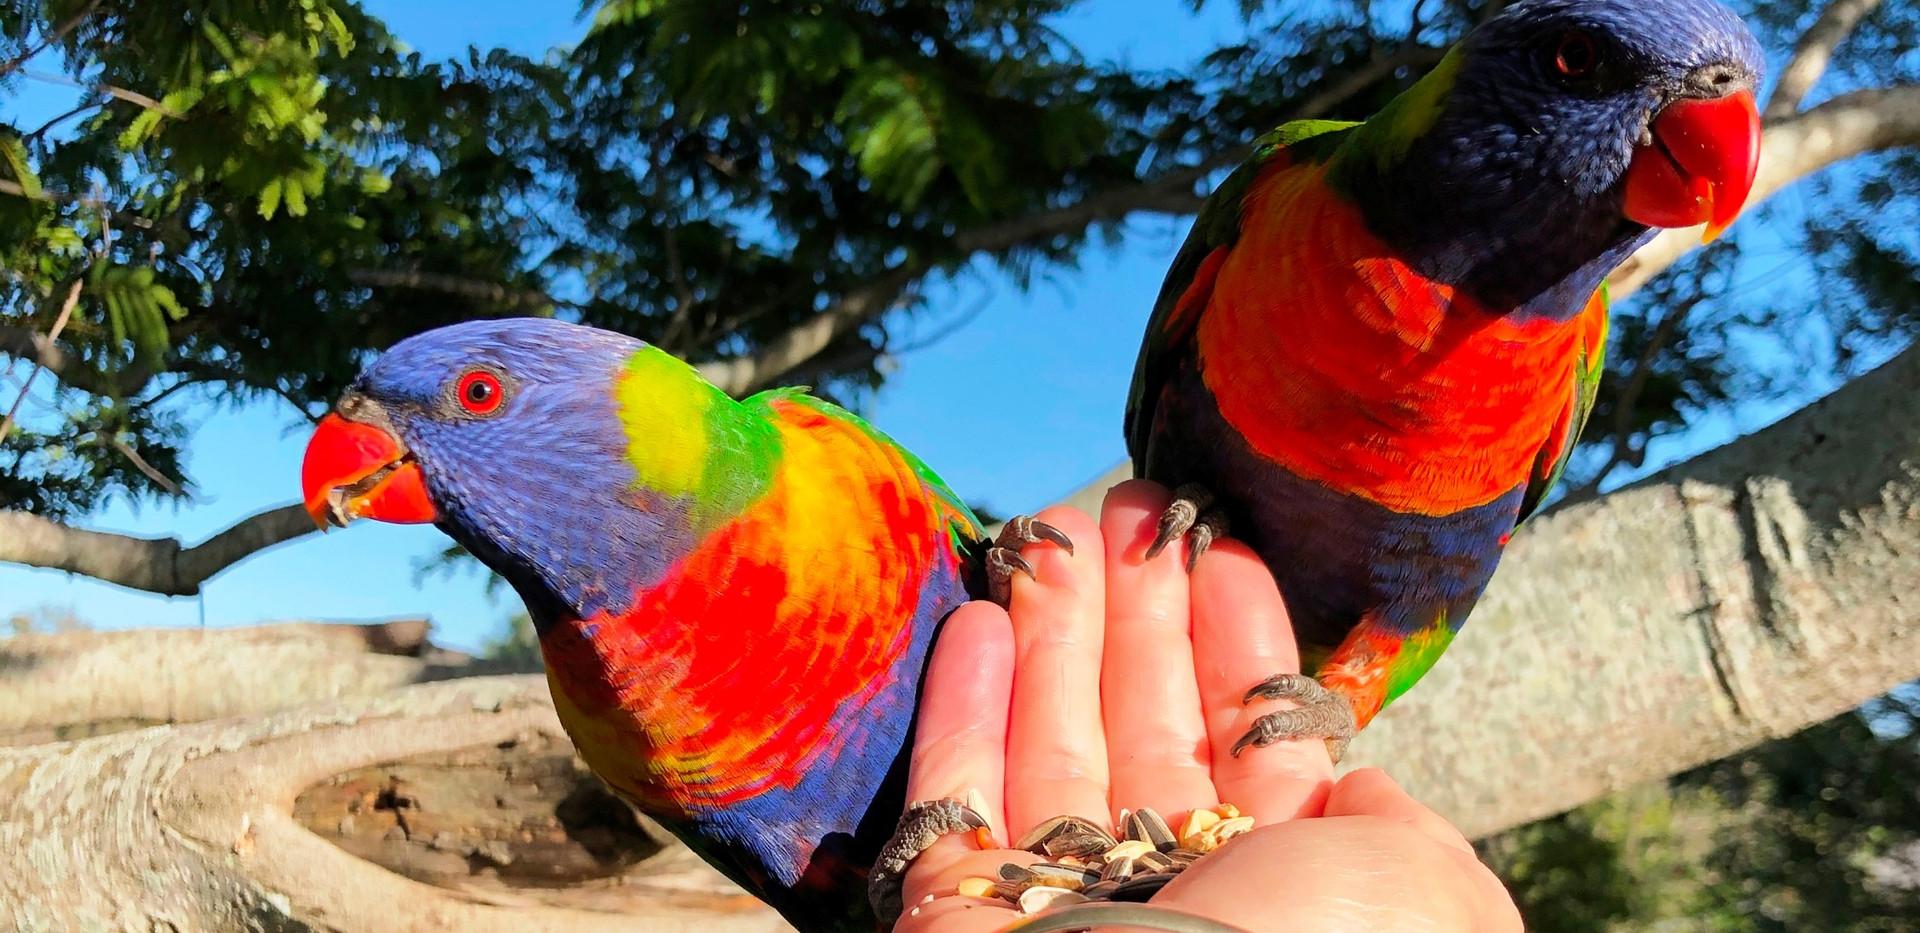 Feeding the Rainbow Lorikeets.jpg